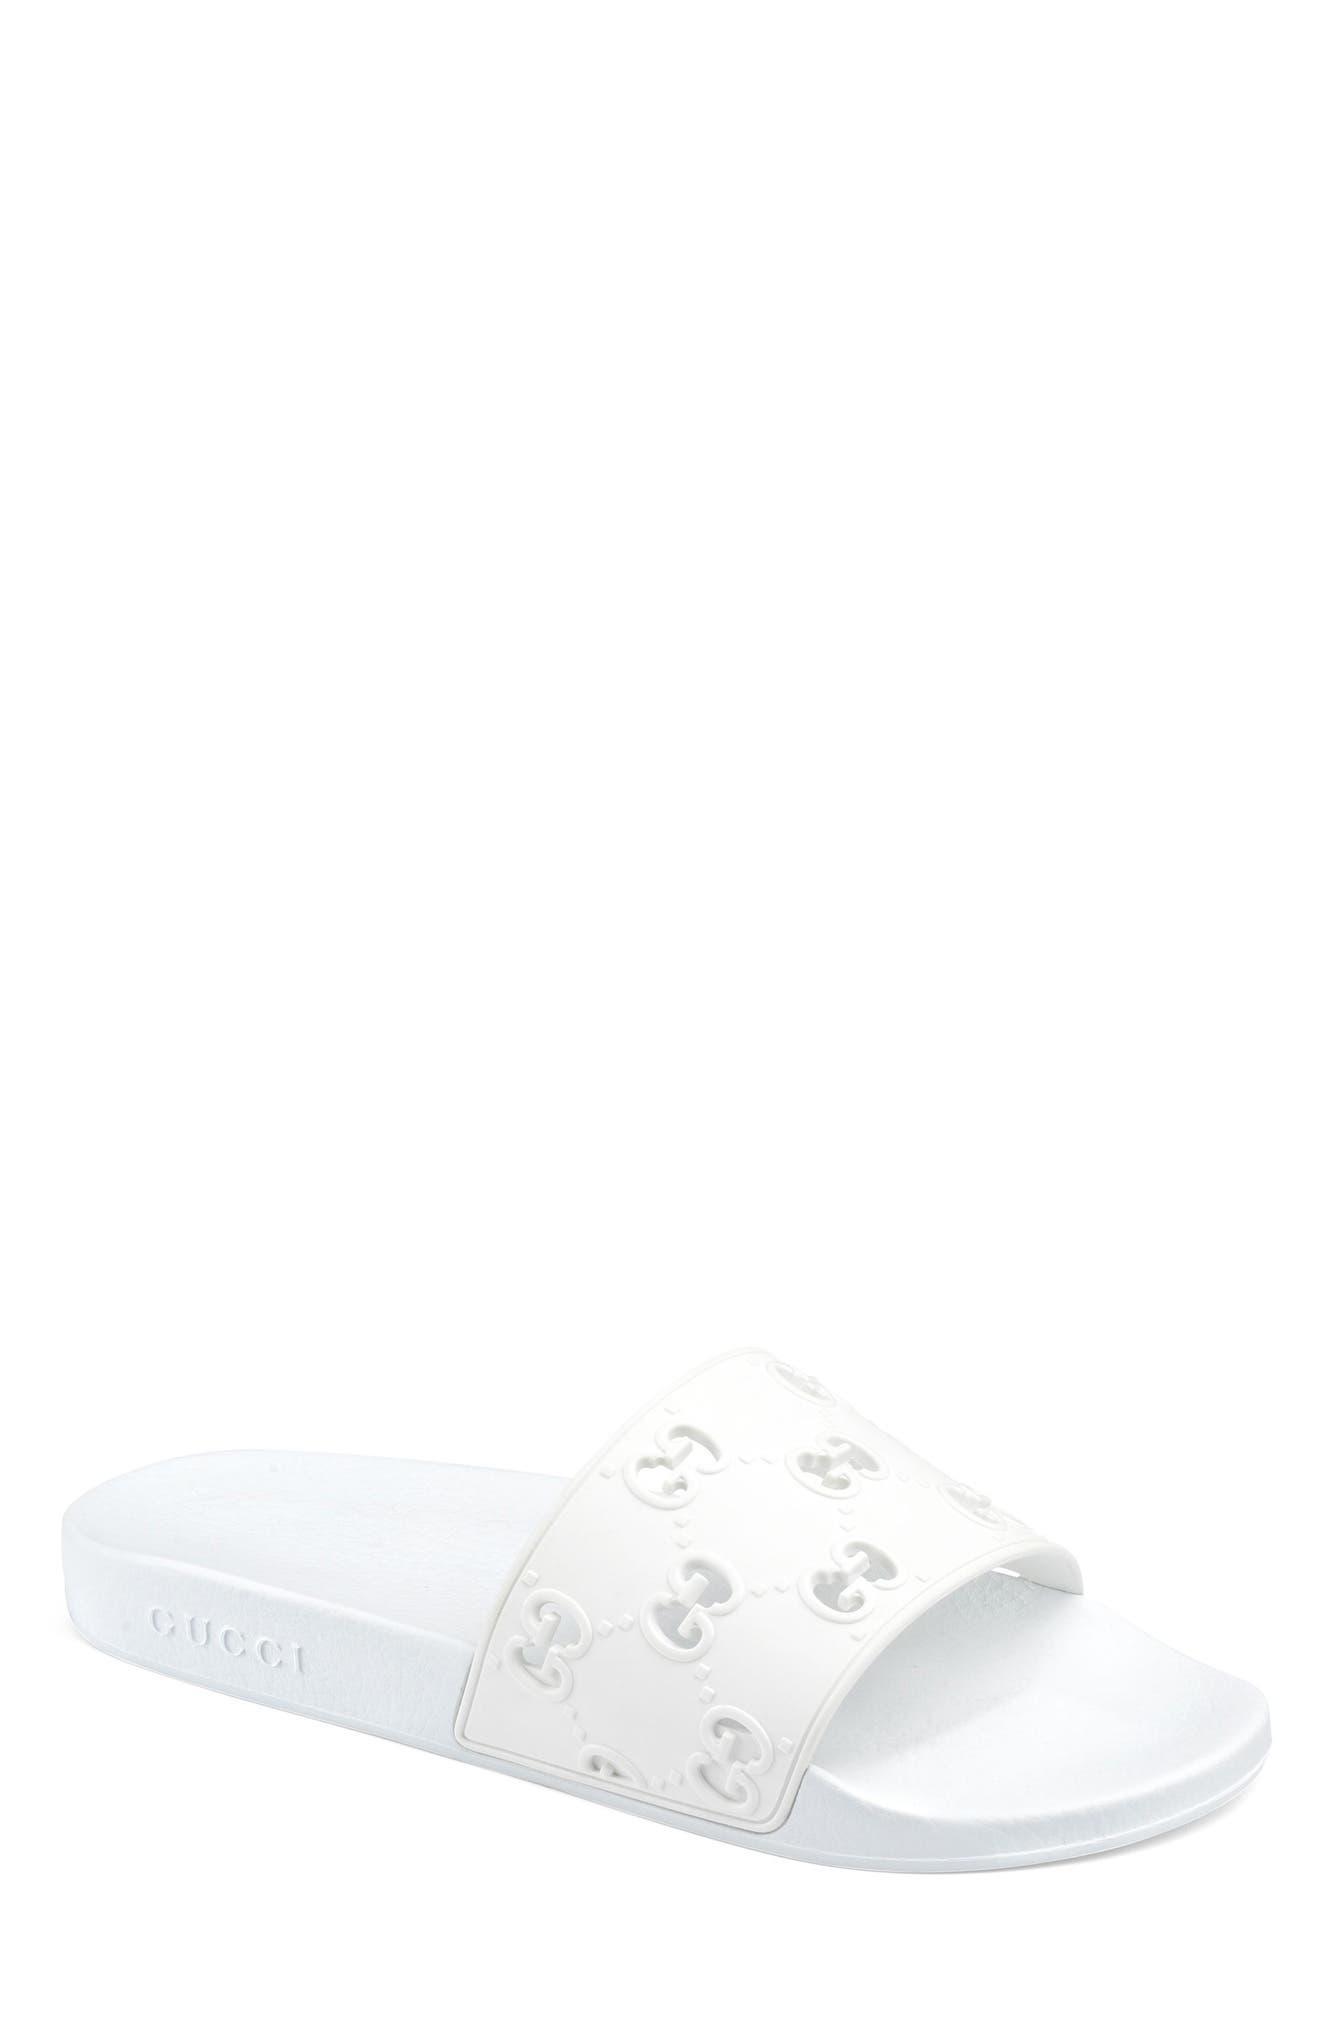 1681657aa898 Men s Gucci Sandals